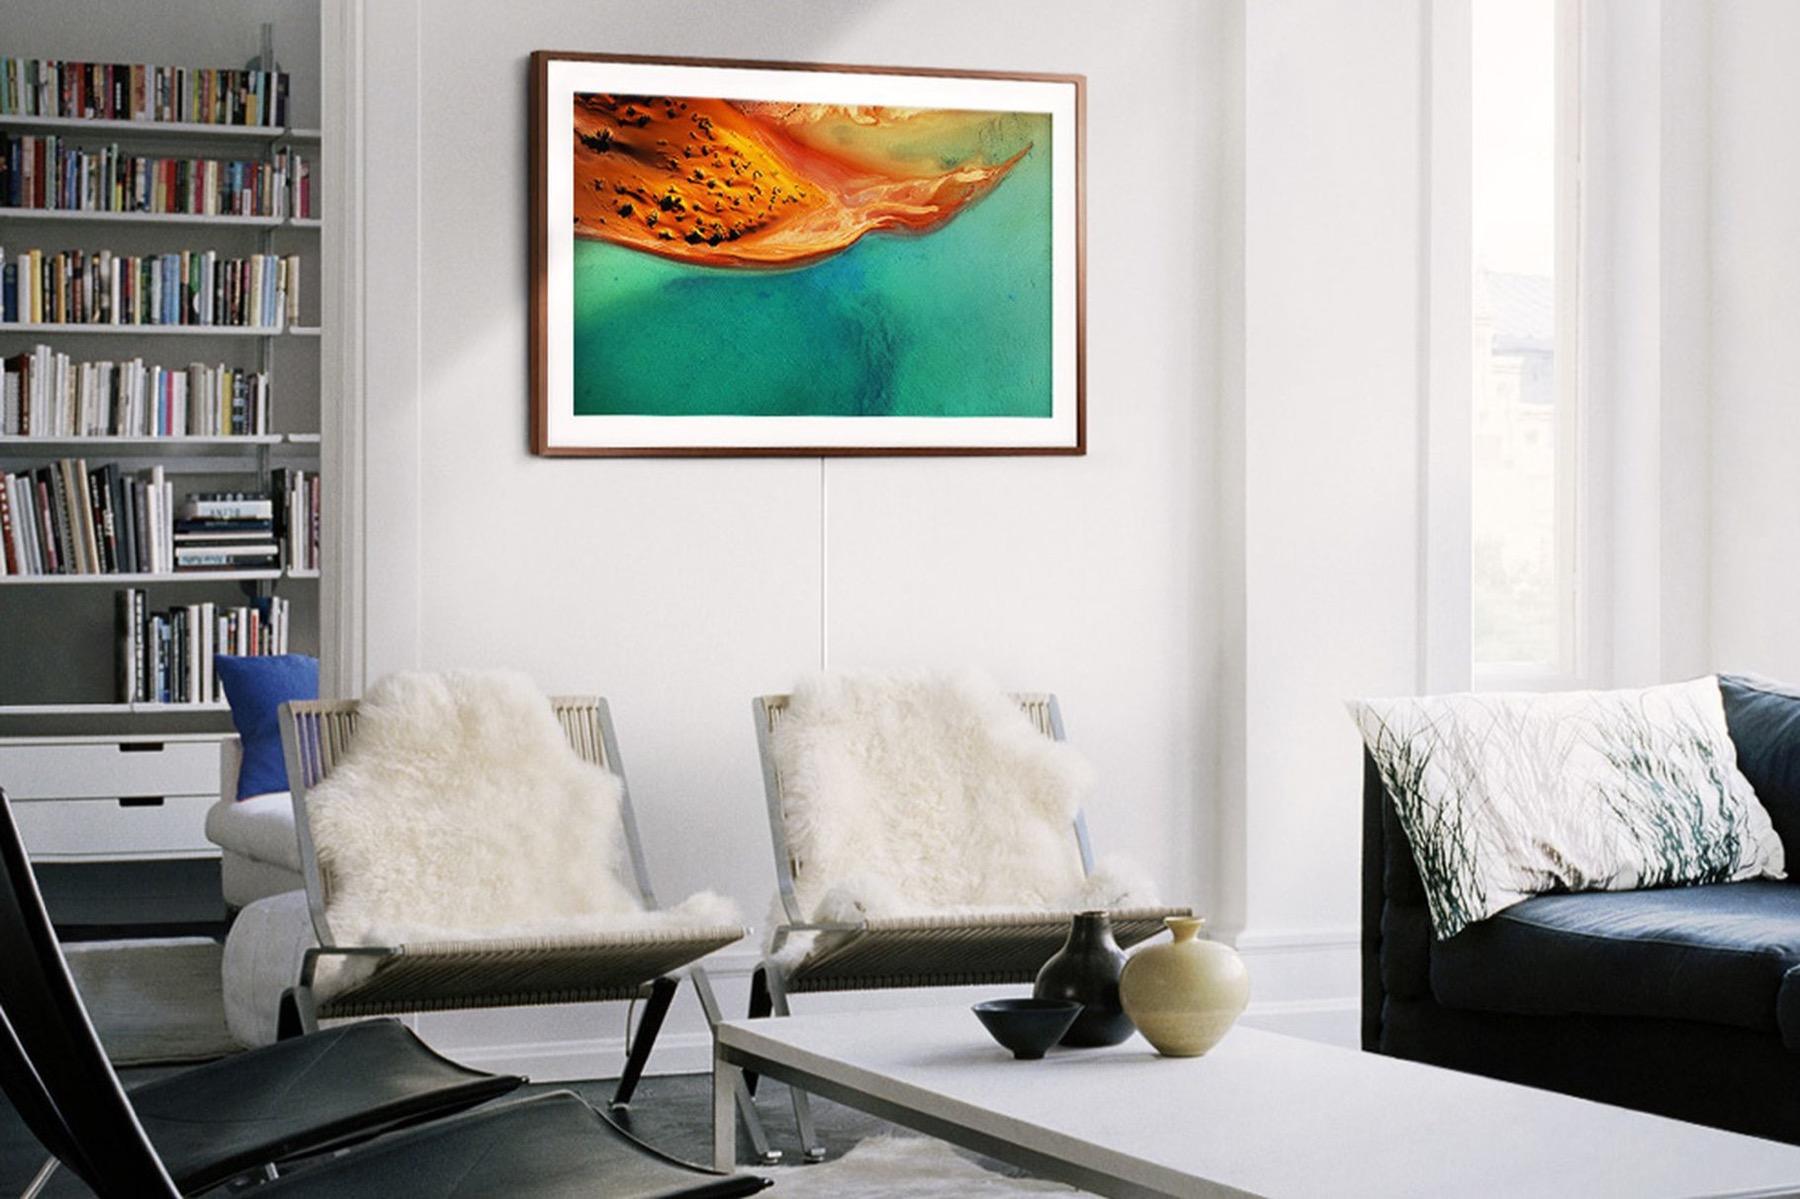 samsung aktualisiert seine tvs im bilderrahmen design. Black Bedroom Furniture Sets. Home Design Ideas